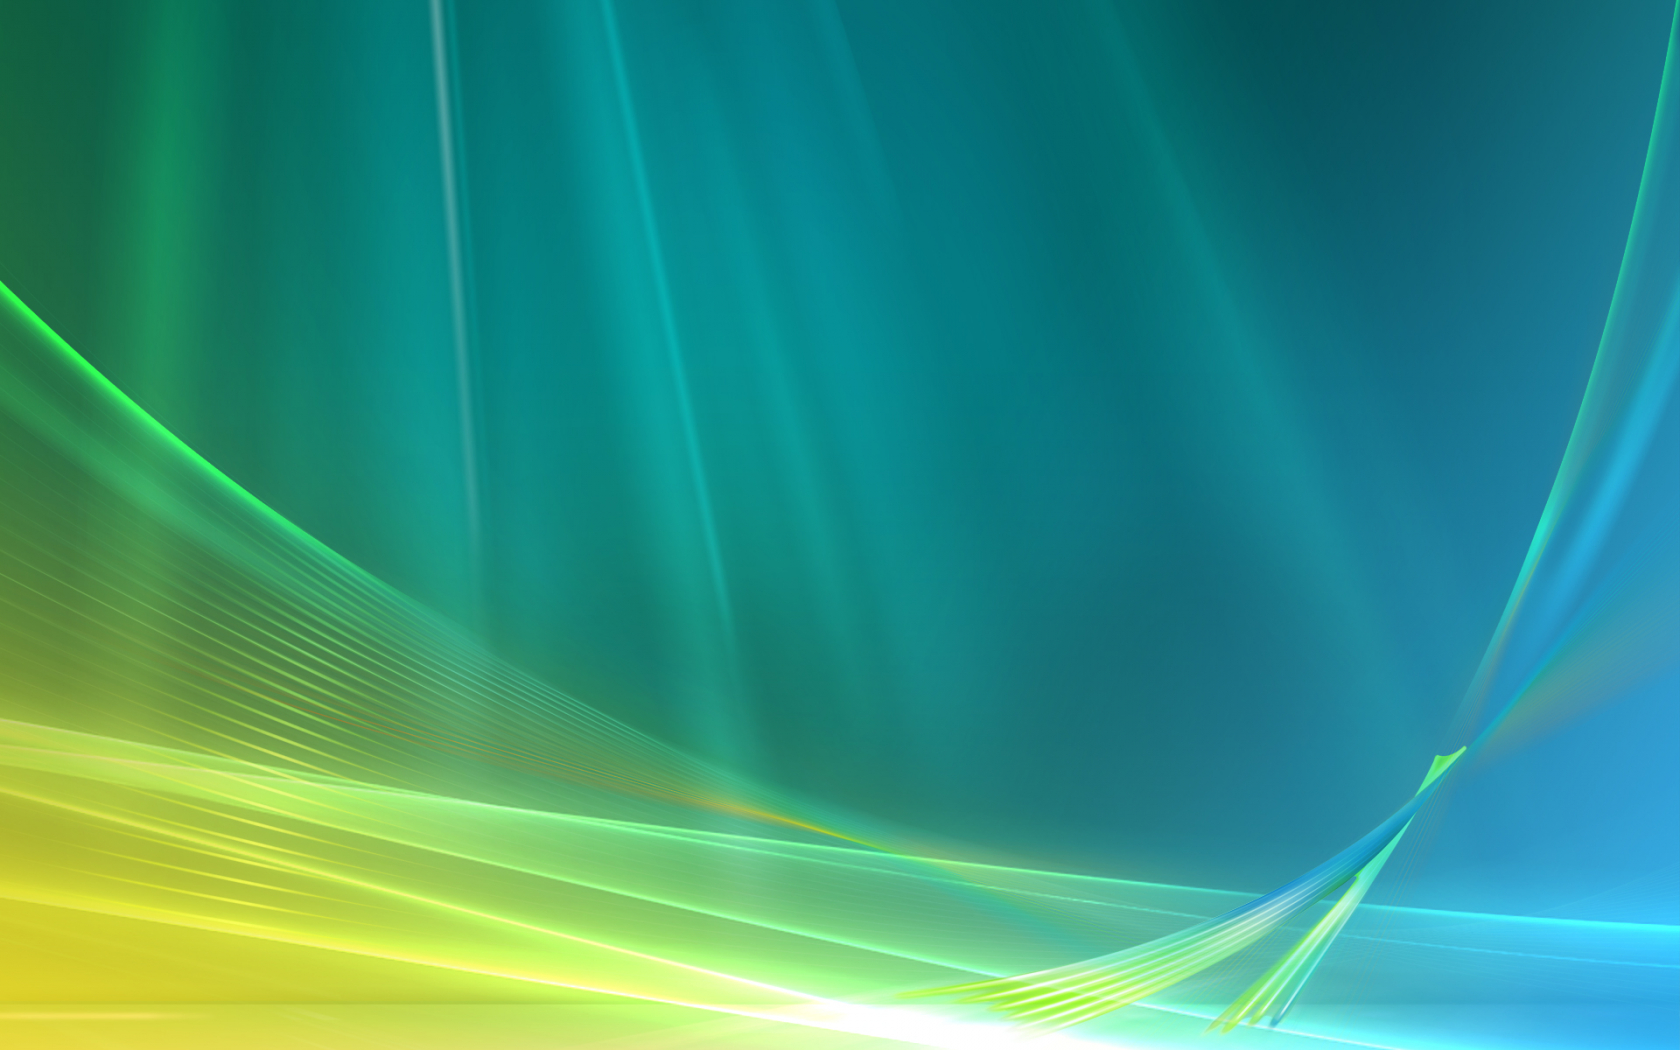 Free Download Pin Auto Change Desktop Wallpaper Xp Windows Seven